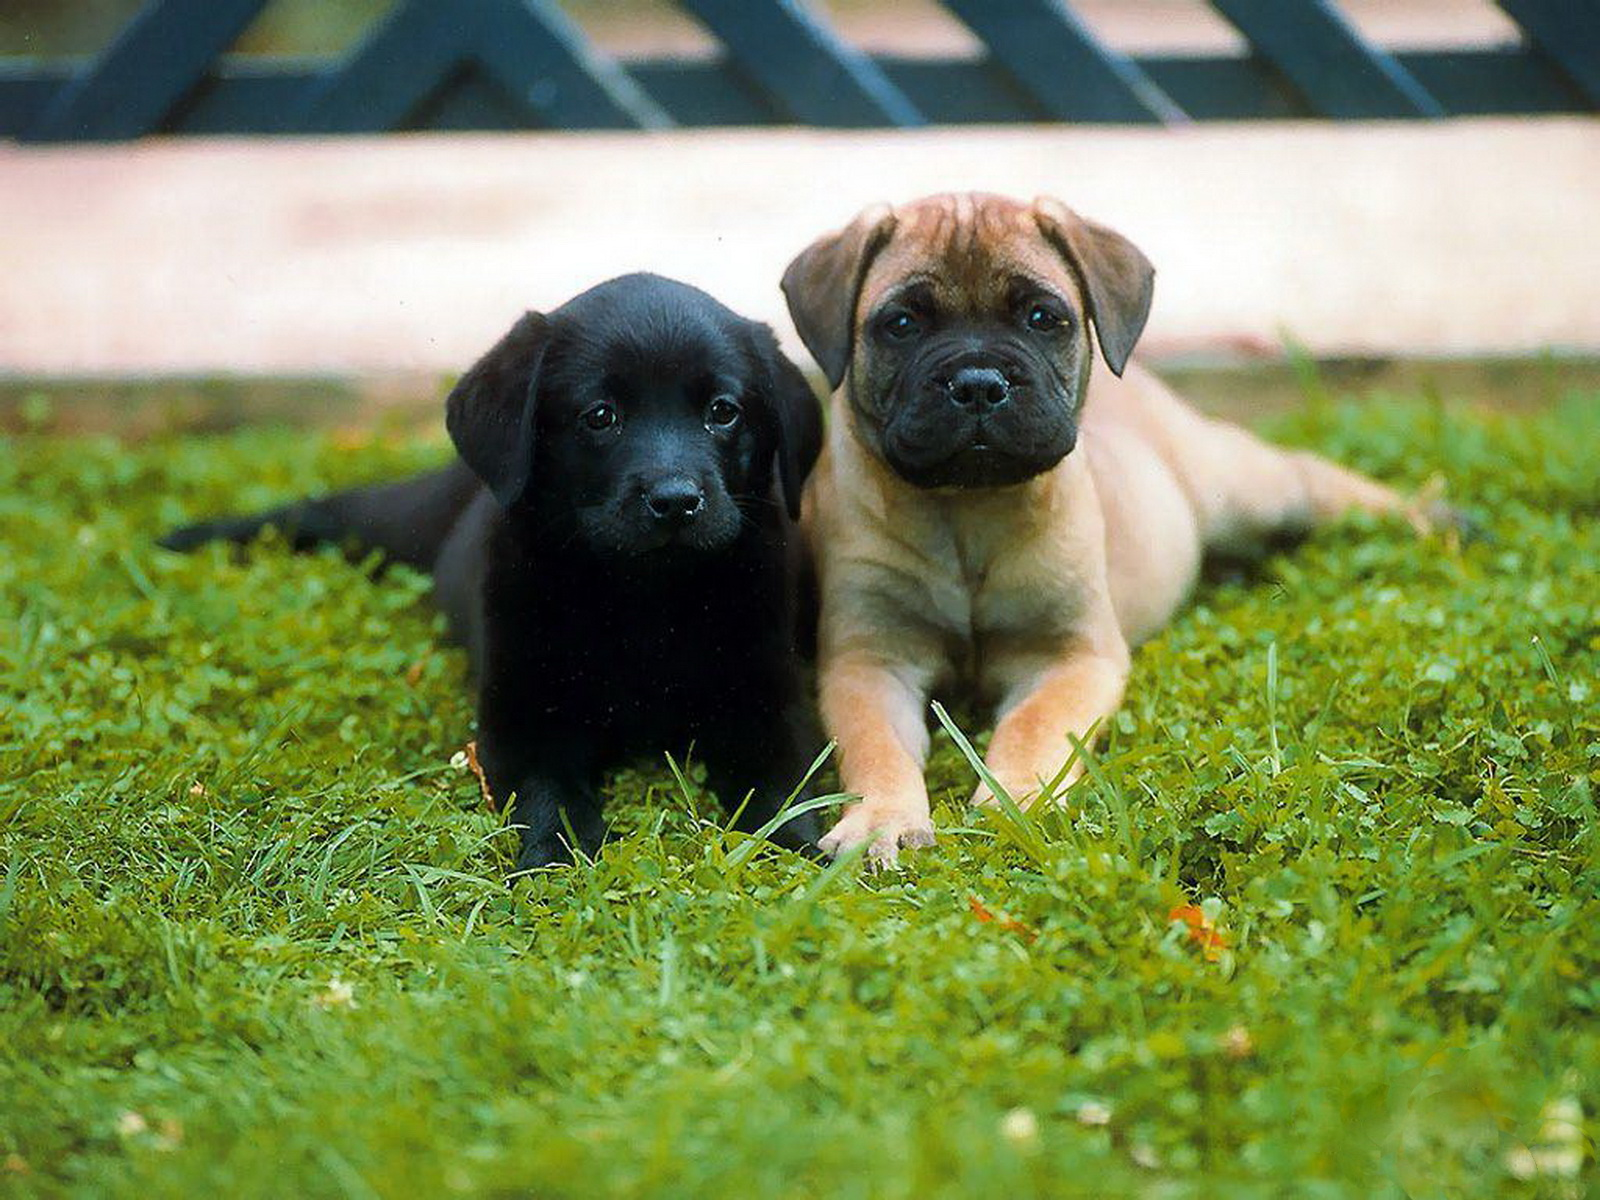 http://4.bp.blogspot.com/-mmw-6woNaJU/Tyw8F-fbboI/AAAAAAAAA18/H-p5B_Fa6l0/s1600/11-Cute+Dog+1600x1200.jpg